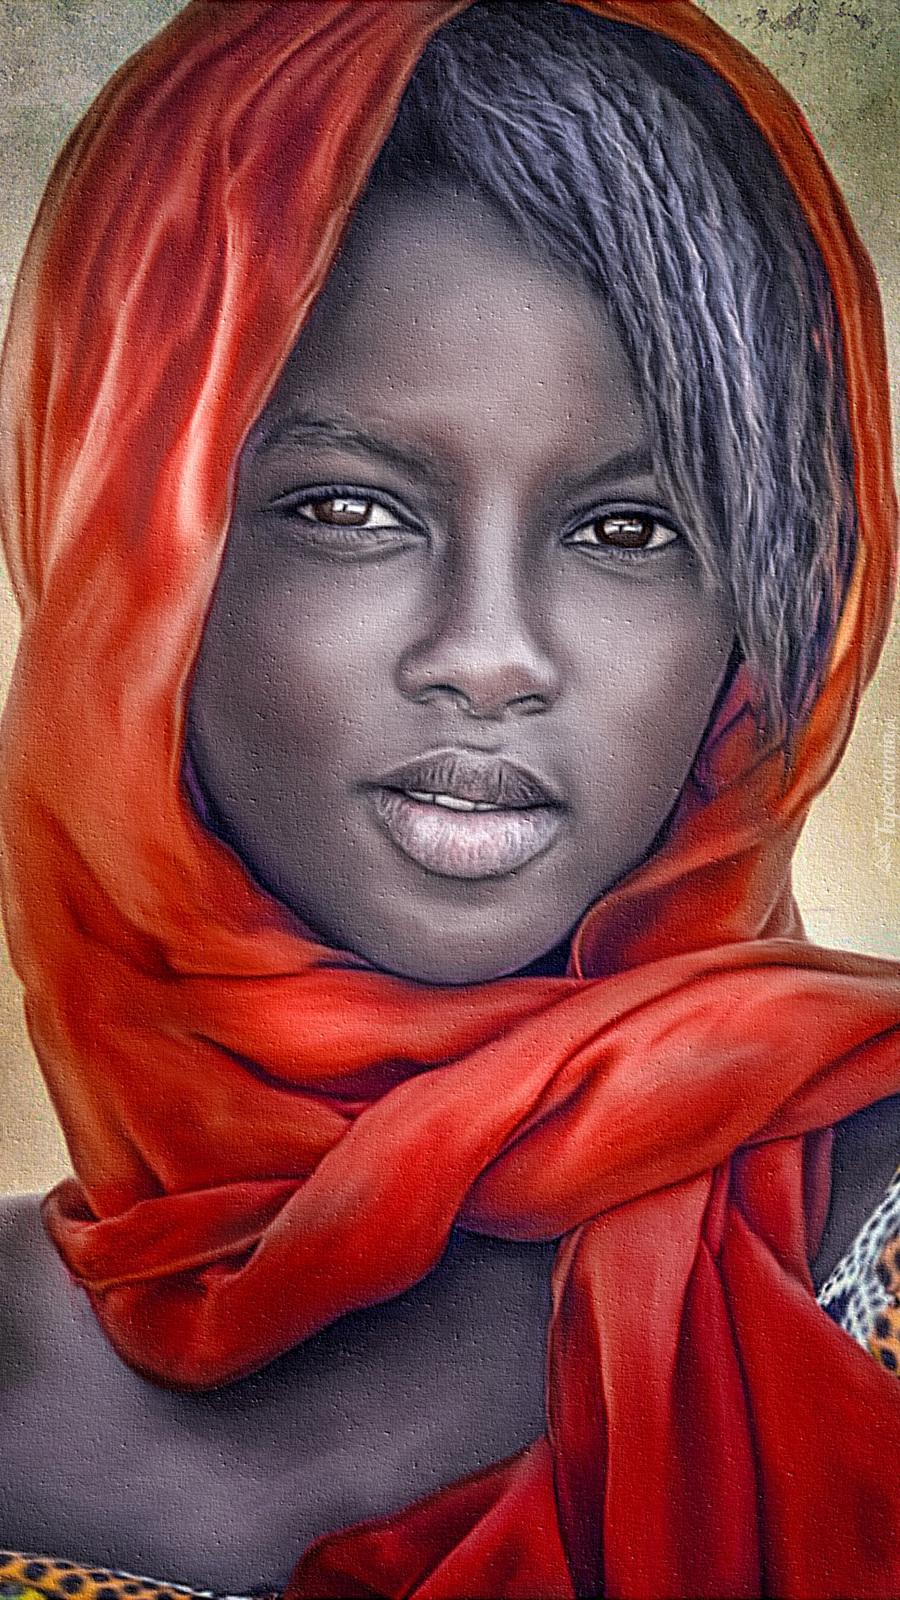 Ciemnoskóra kobieta w czerwonym szalu